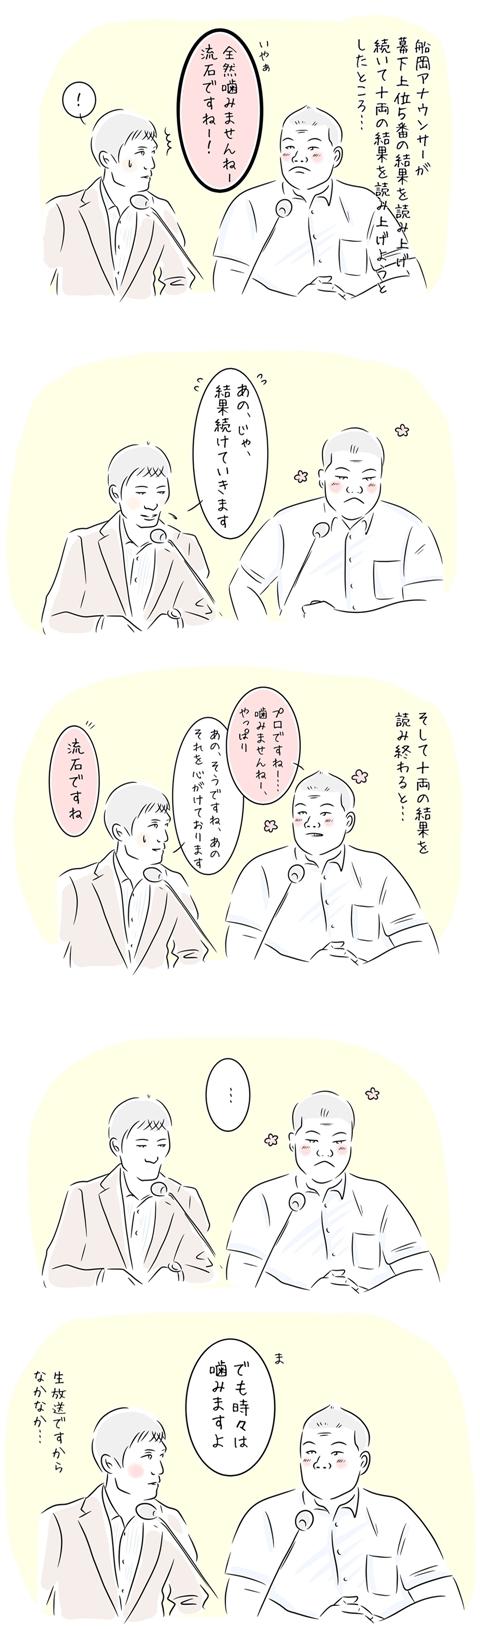 元関脇北勝力、谷川親方とNHK船岡アナウンサーの化学反応